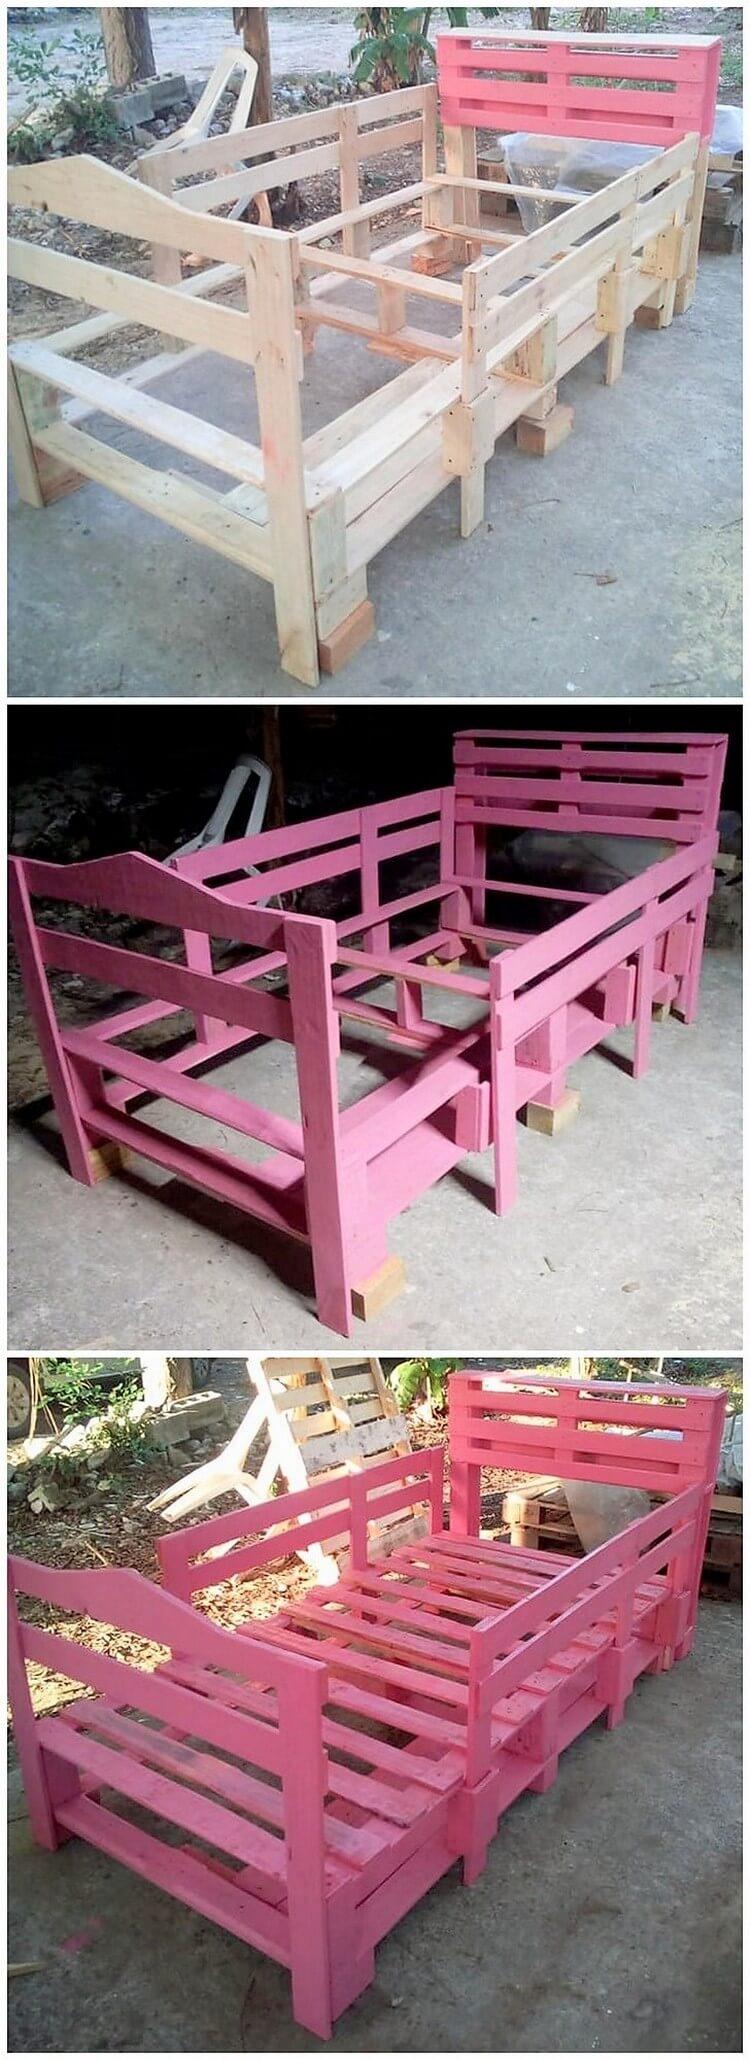 DIY Pallet Bunk Bed